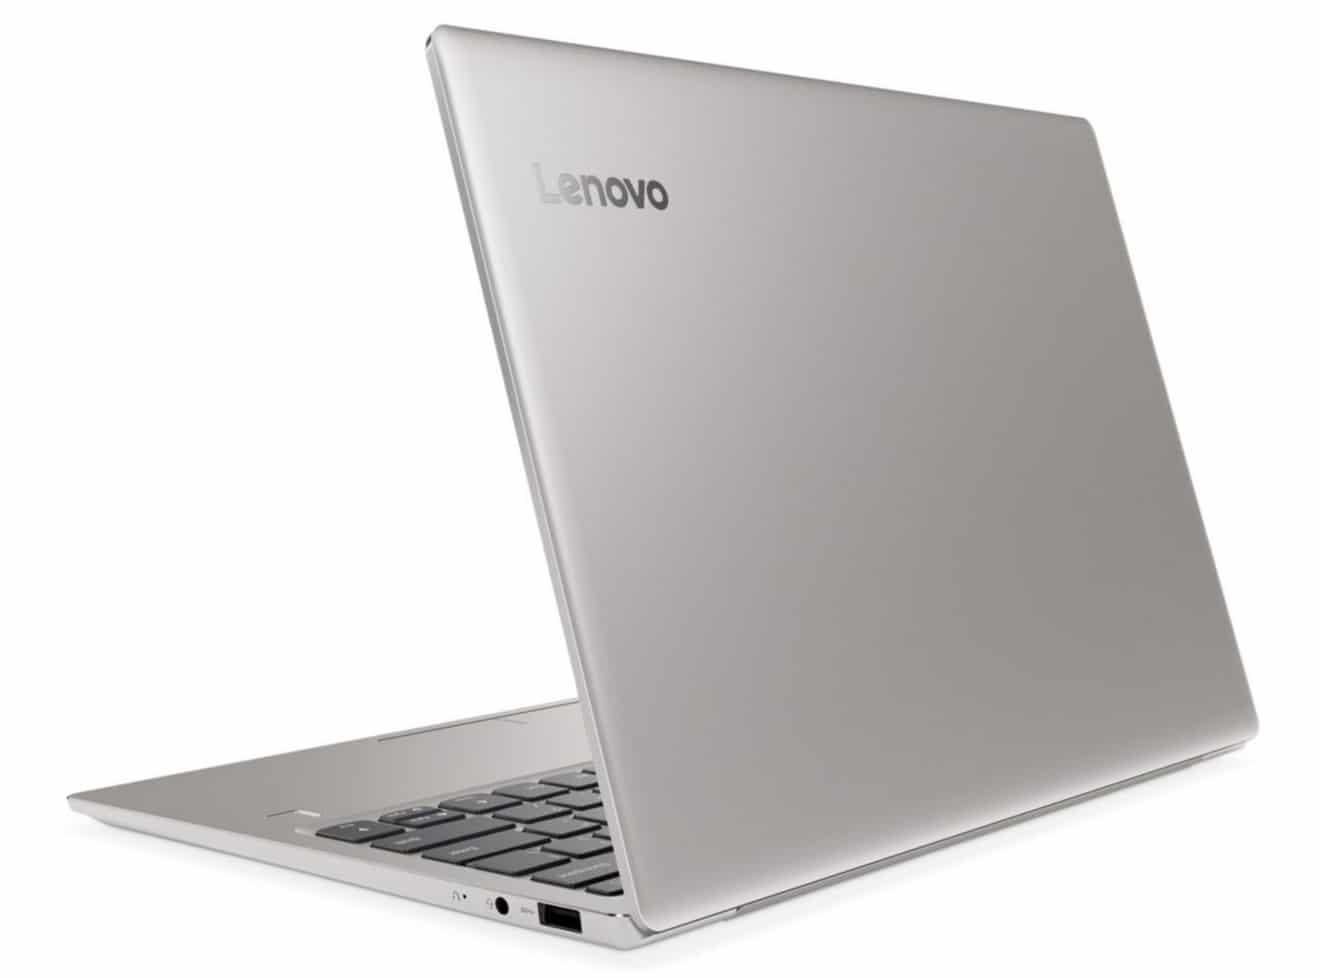 Lenovo Ideapad 720S-13ARR, ultrabook 13 pouces Full IPS Ryzen 7 SSD256 à 999€